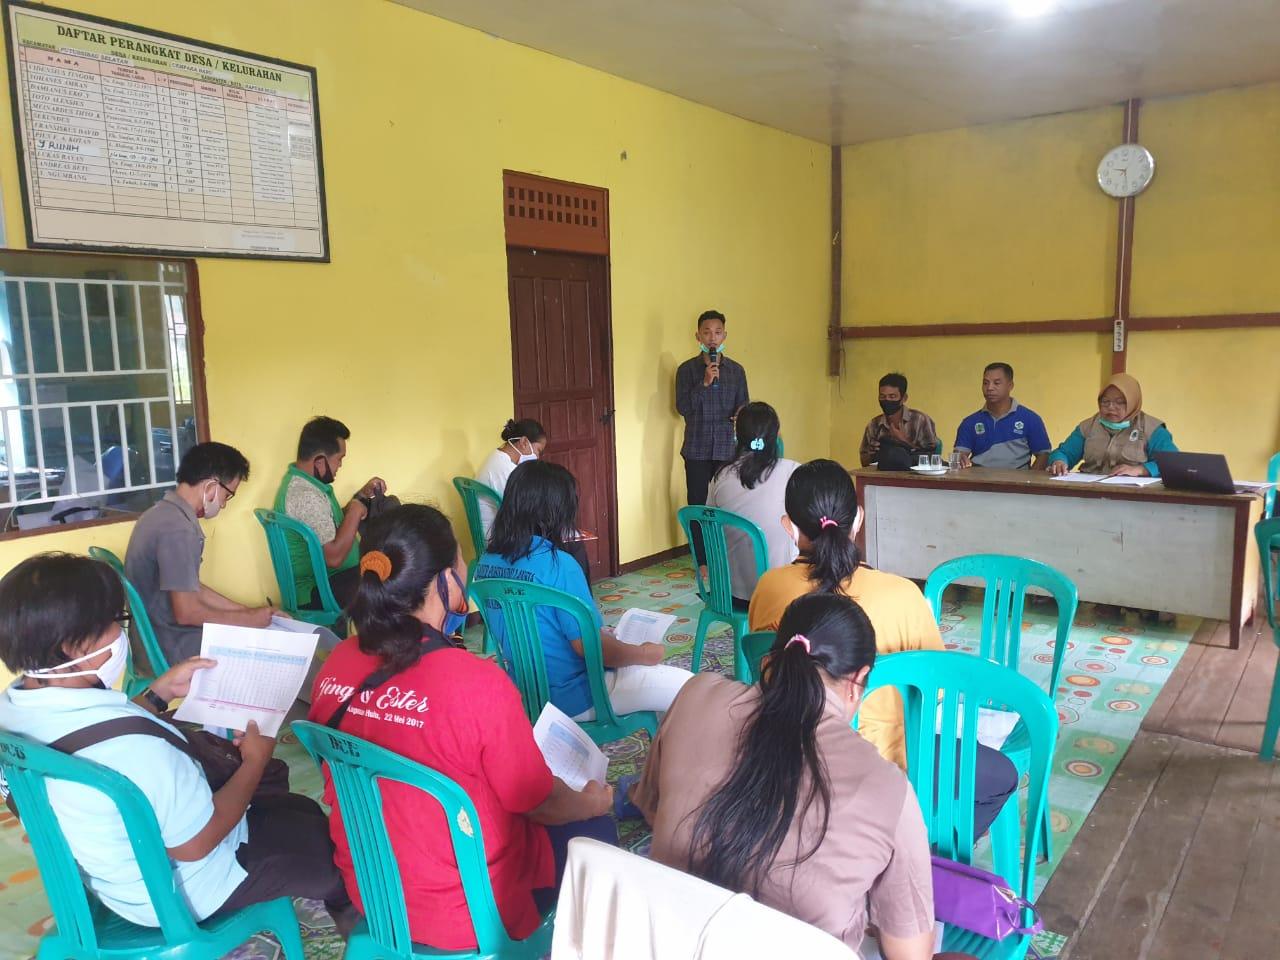 Puskesmas Putussibau Selatan Adakan Sosialisasi dan Advokasi Intervensi PISPK di Desa Cempaka Baru